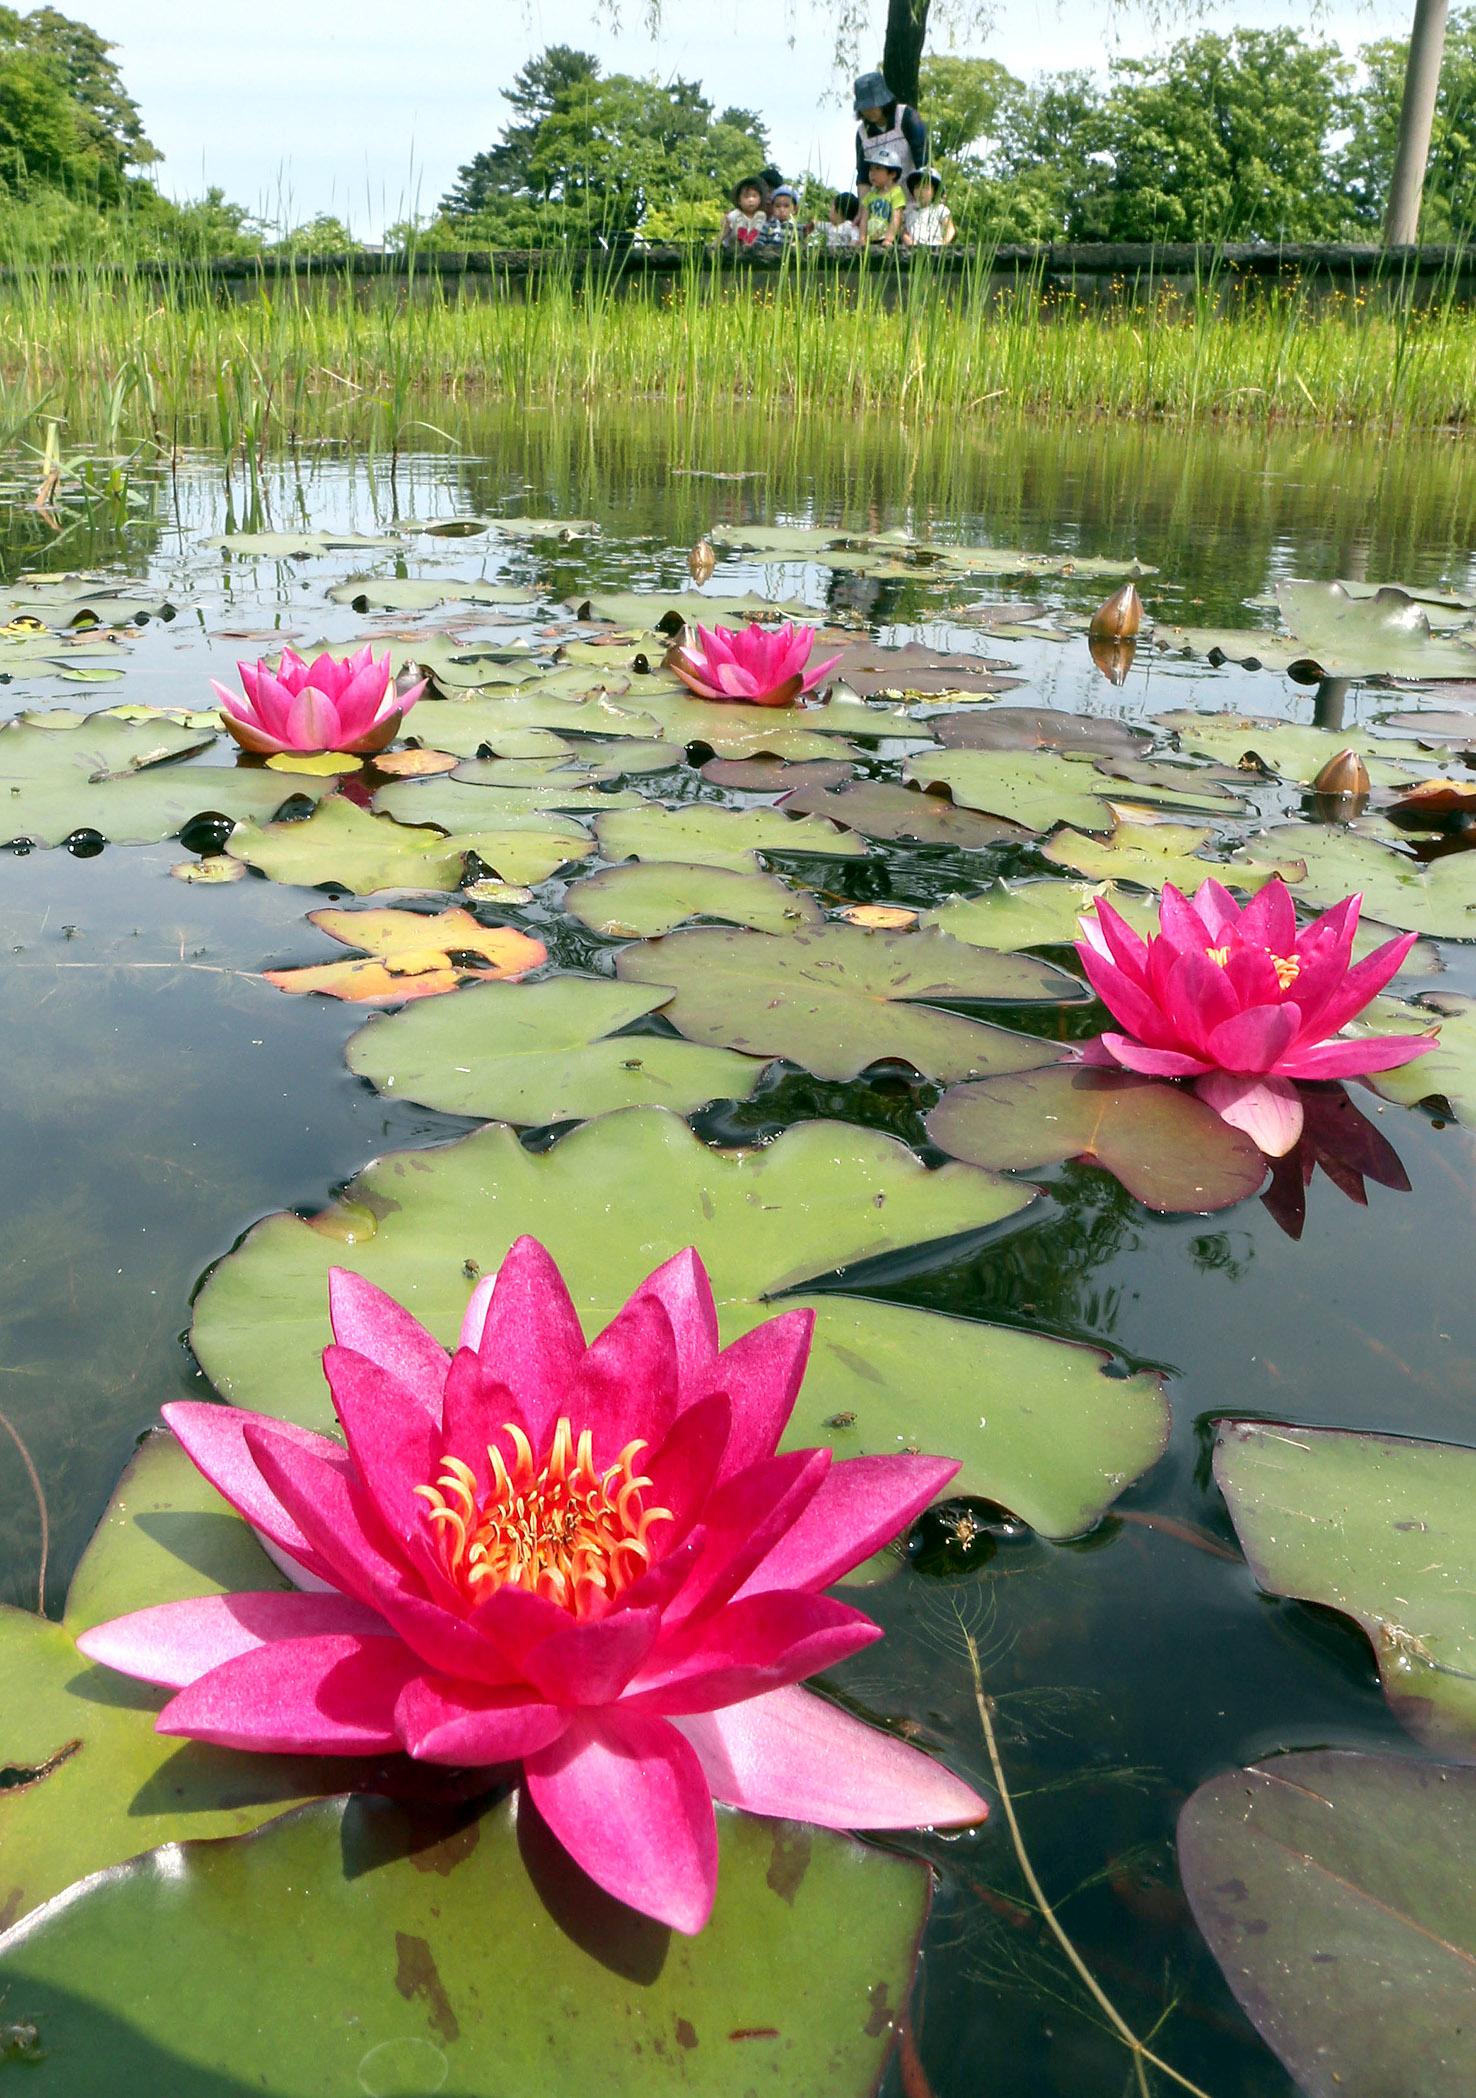 鮮やかに咲き始めたヒメスイレン=22日午前10時20分、金沢城公園